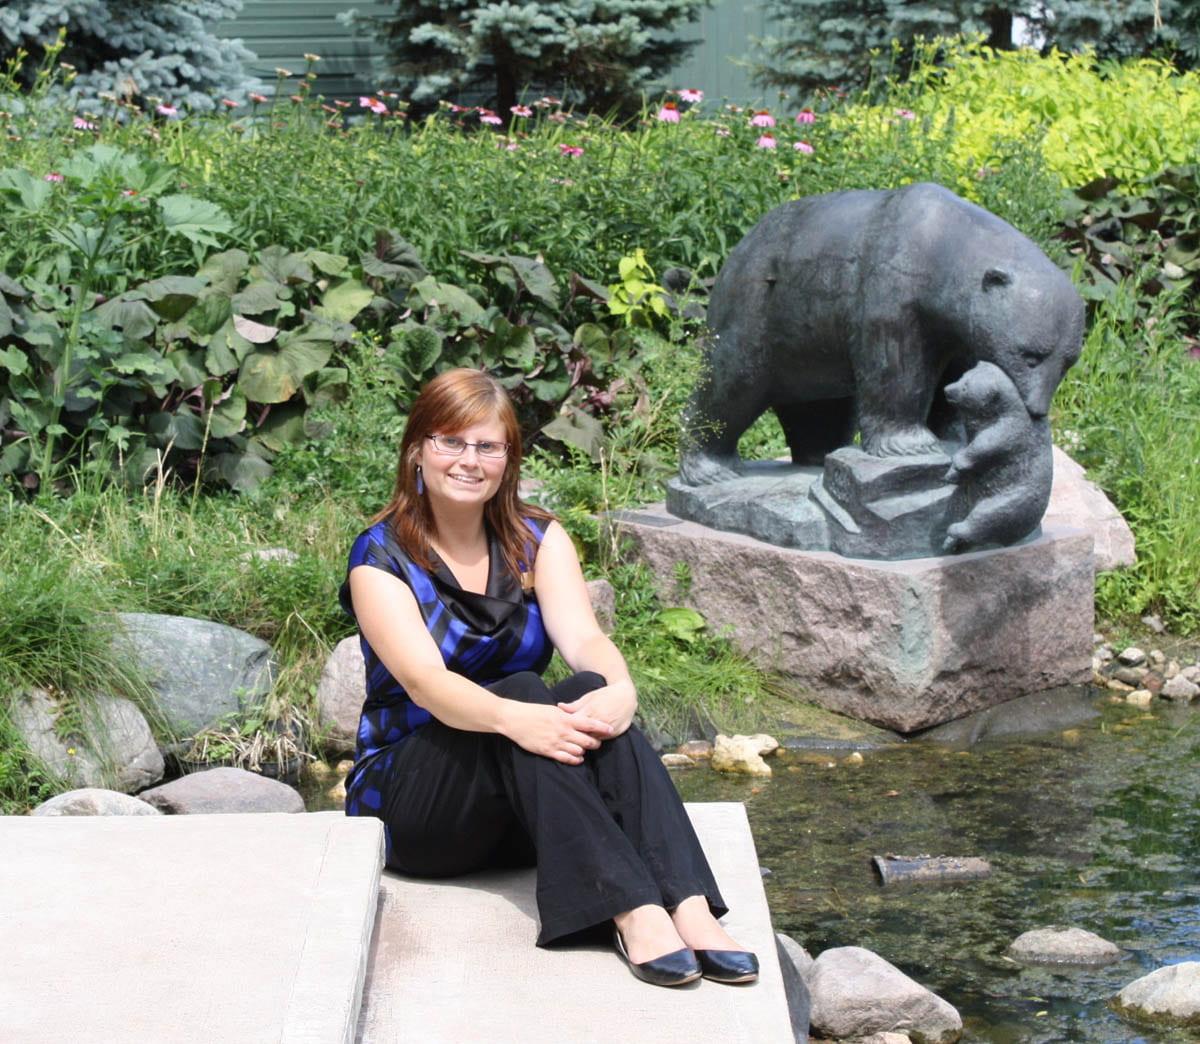 Karen Cox at Assiniboine Park